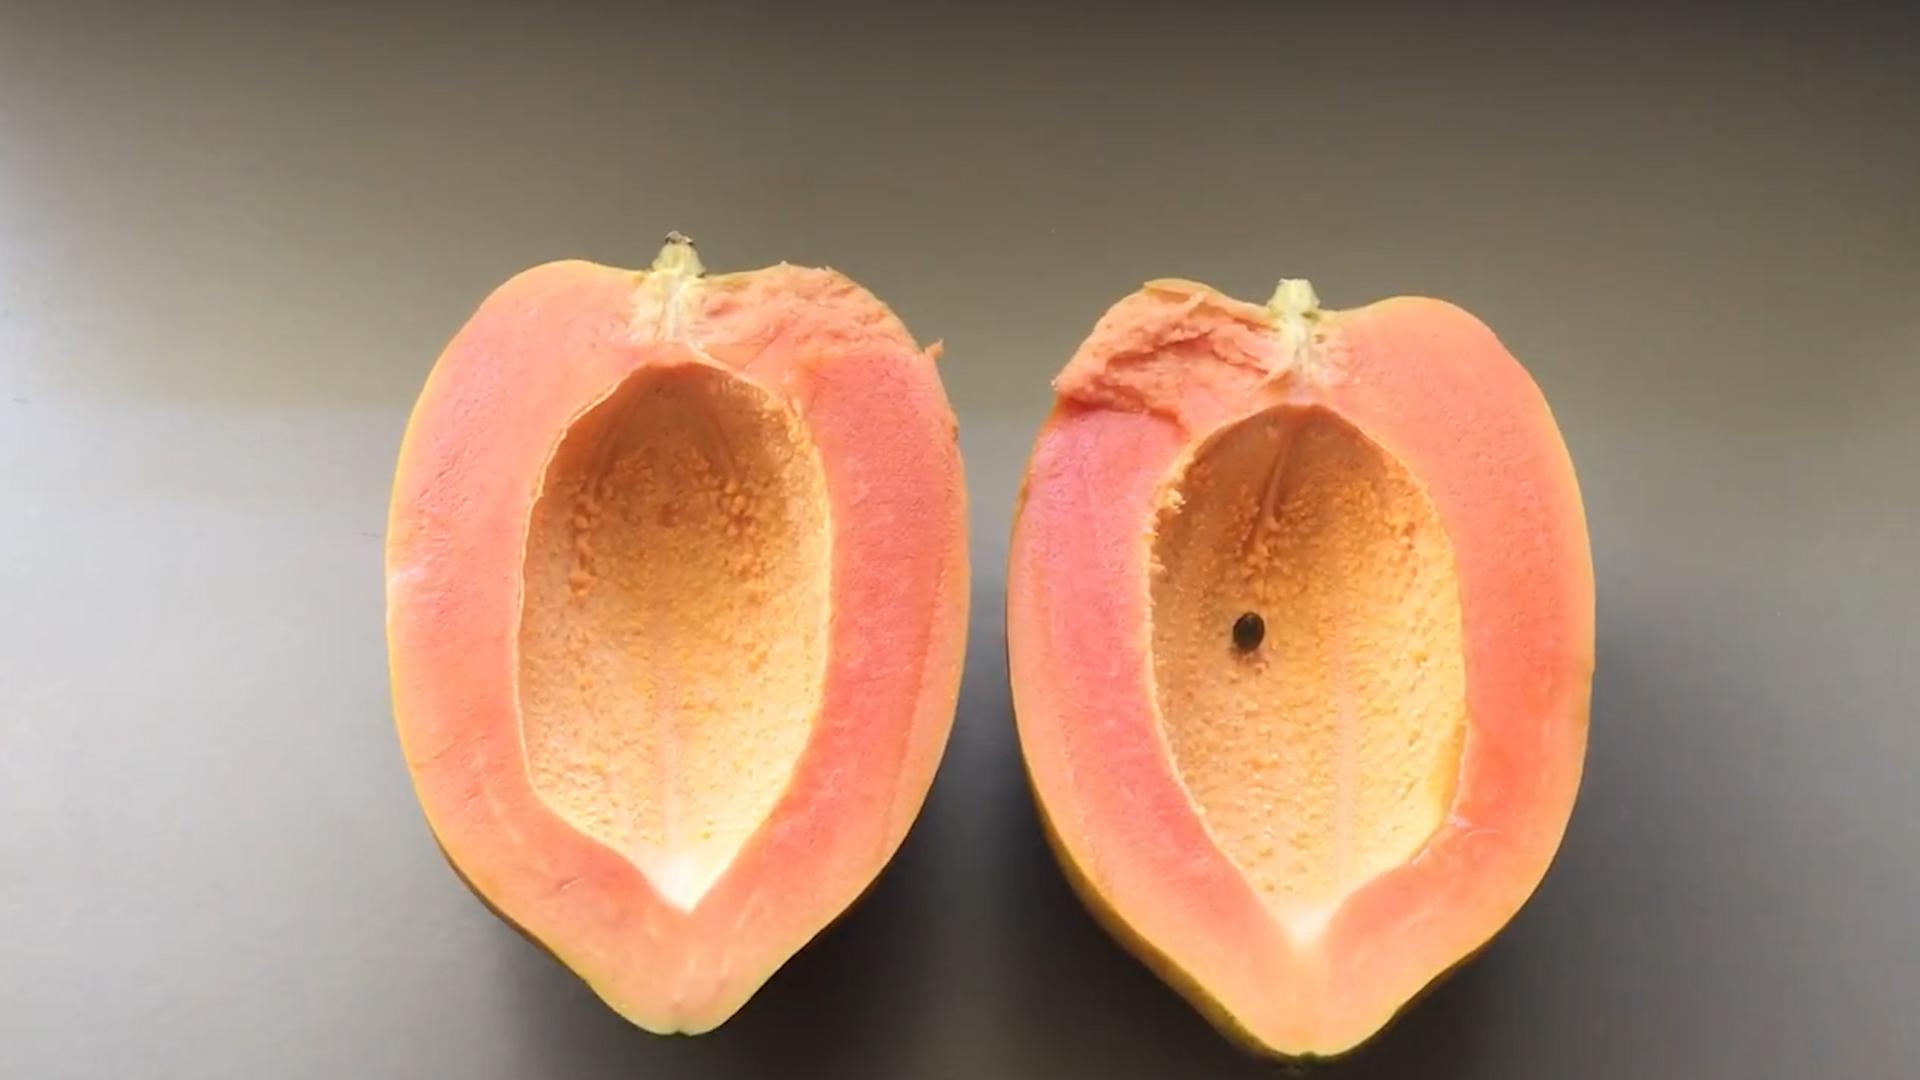 Jedz papaję przez miesiąc. Zobacz, co się stanie